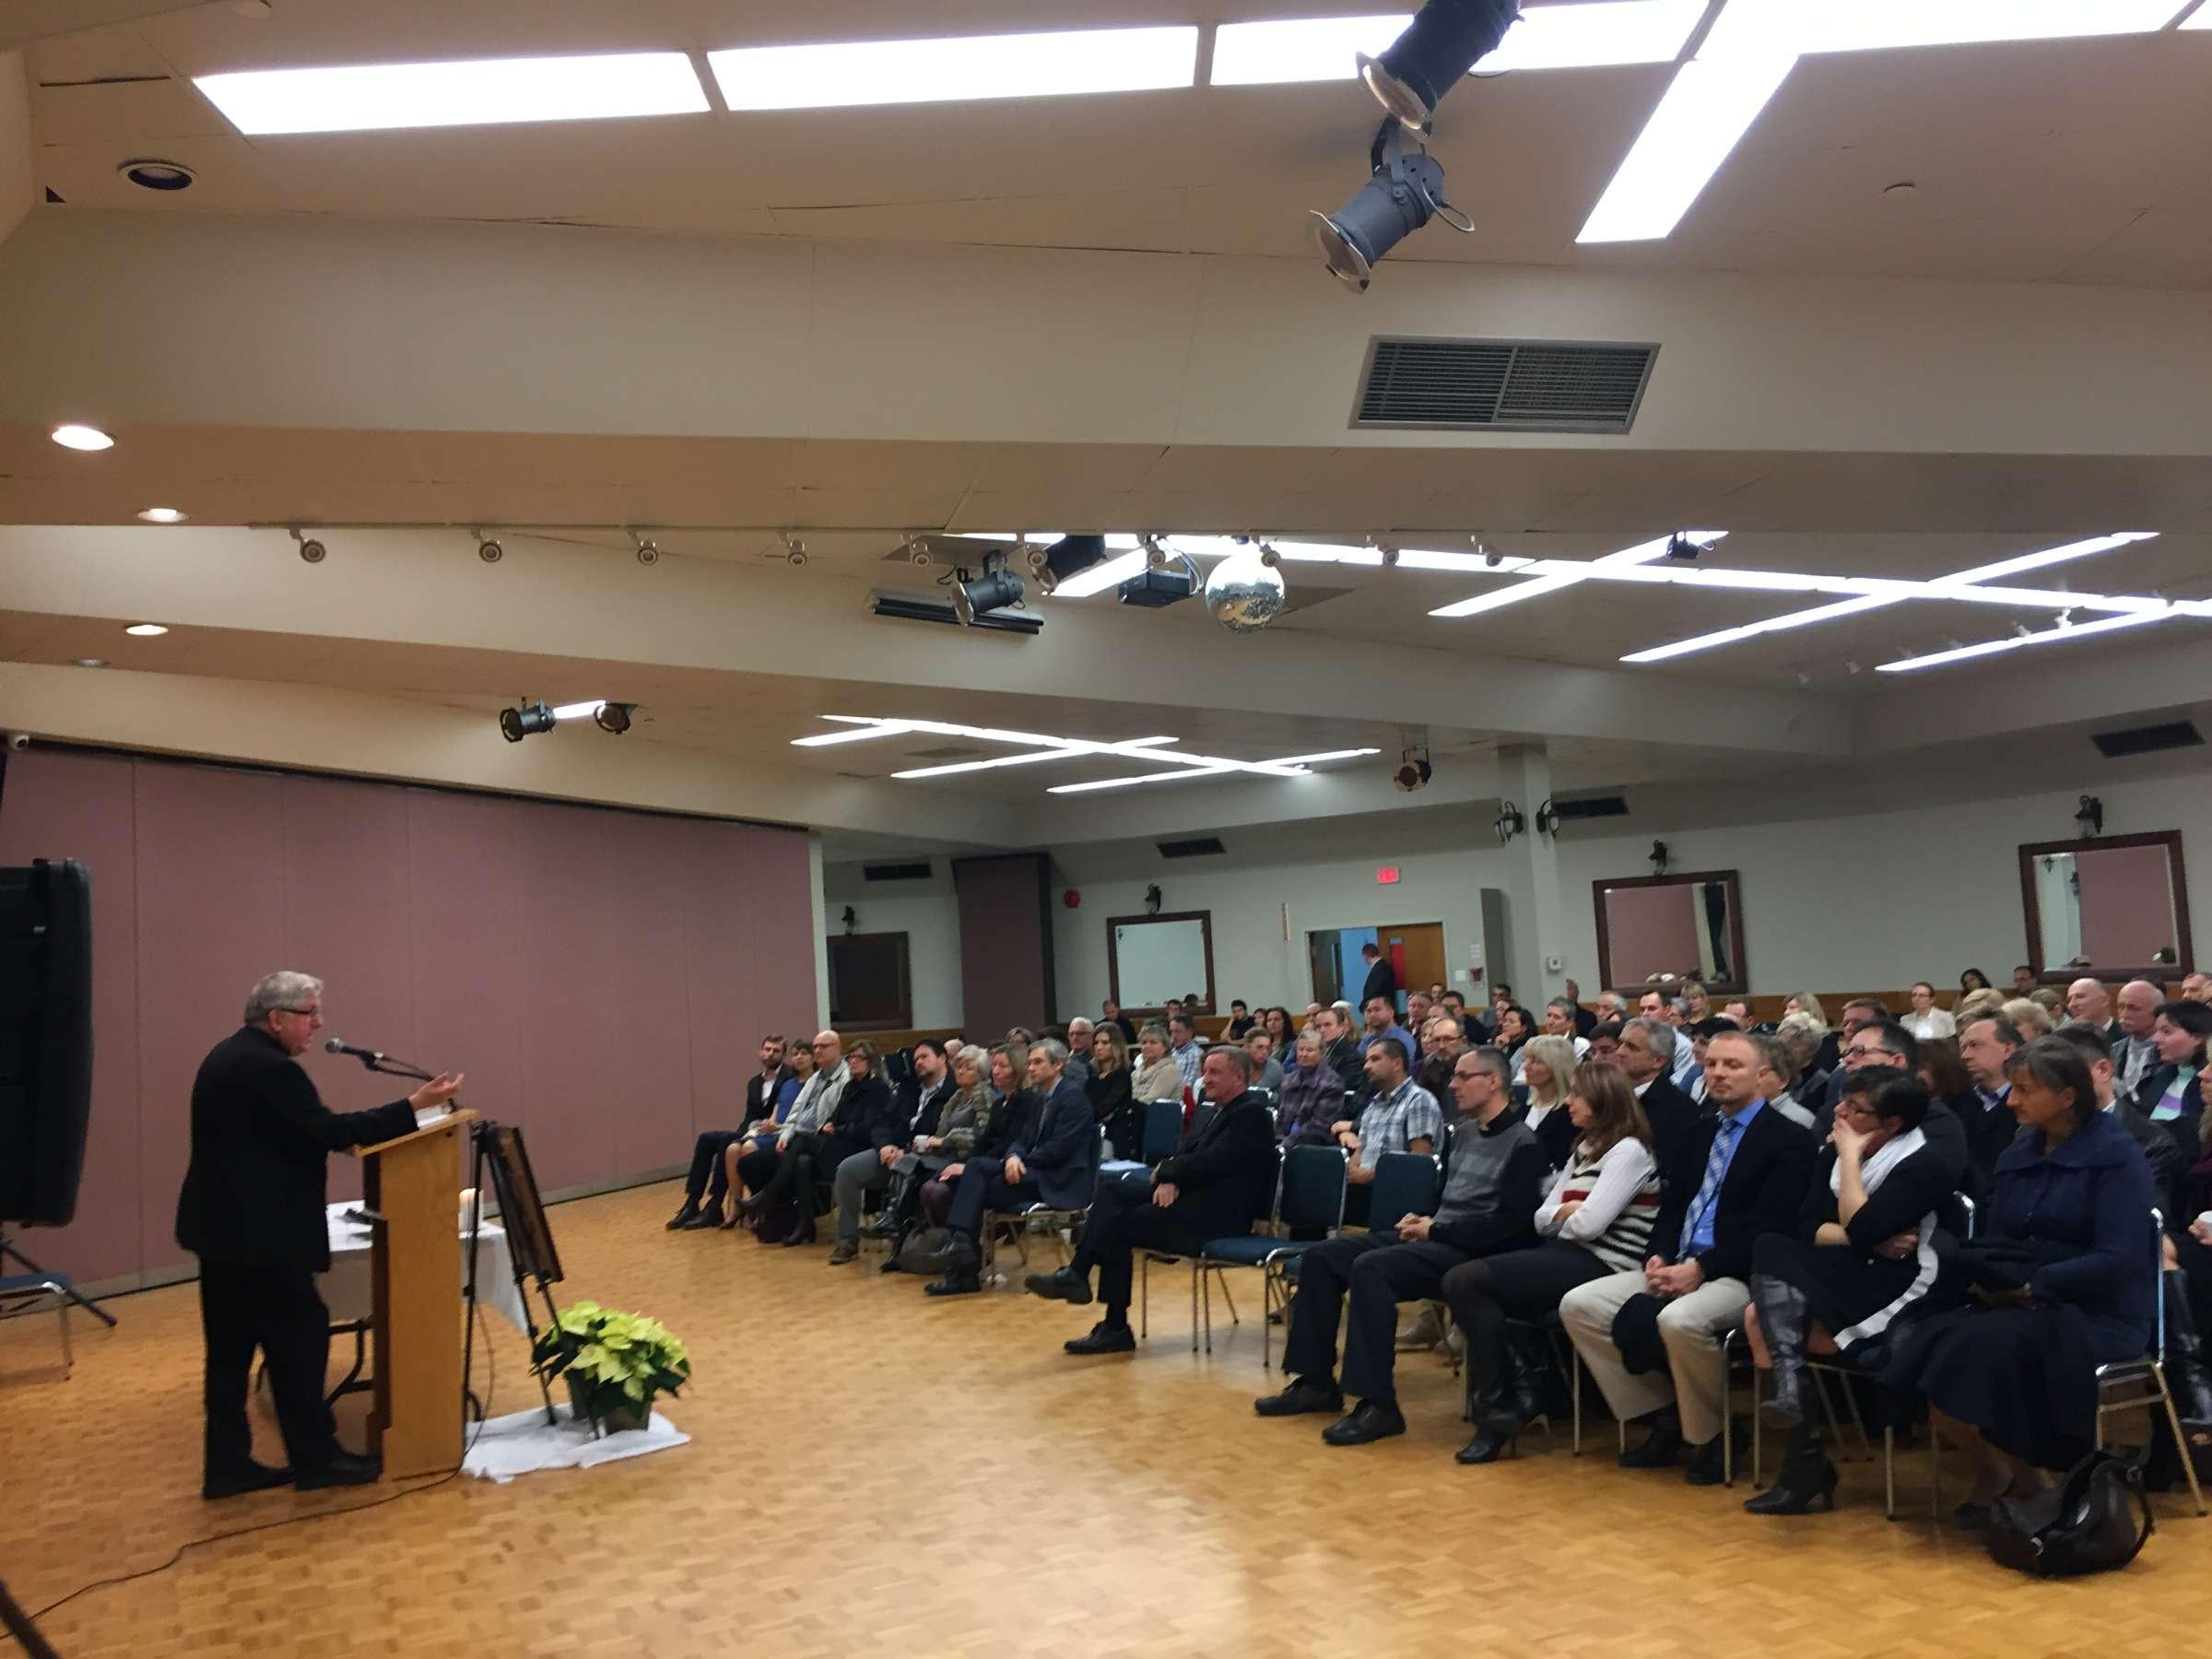 2016.11.27_04  -Spotkanie z Kardynalem Collinsem w Mississauga